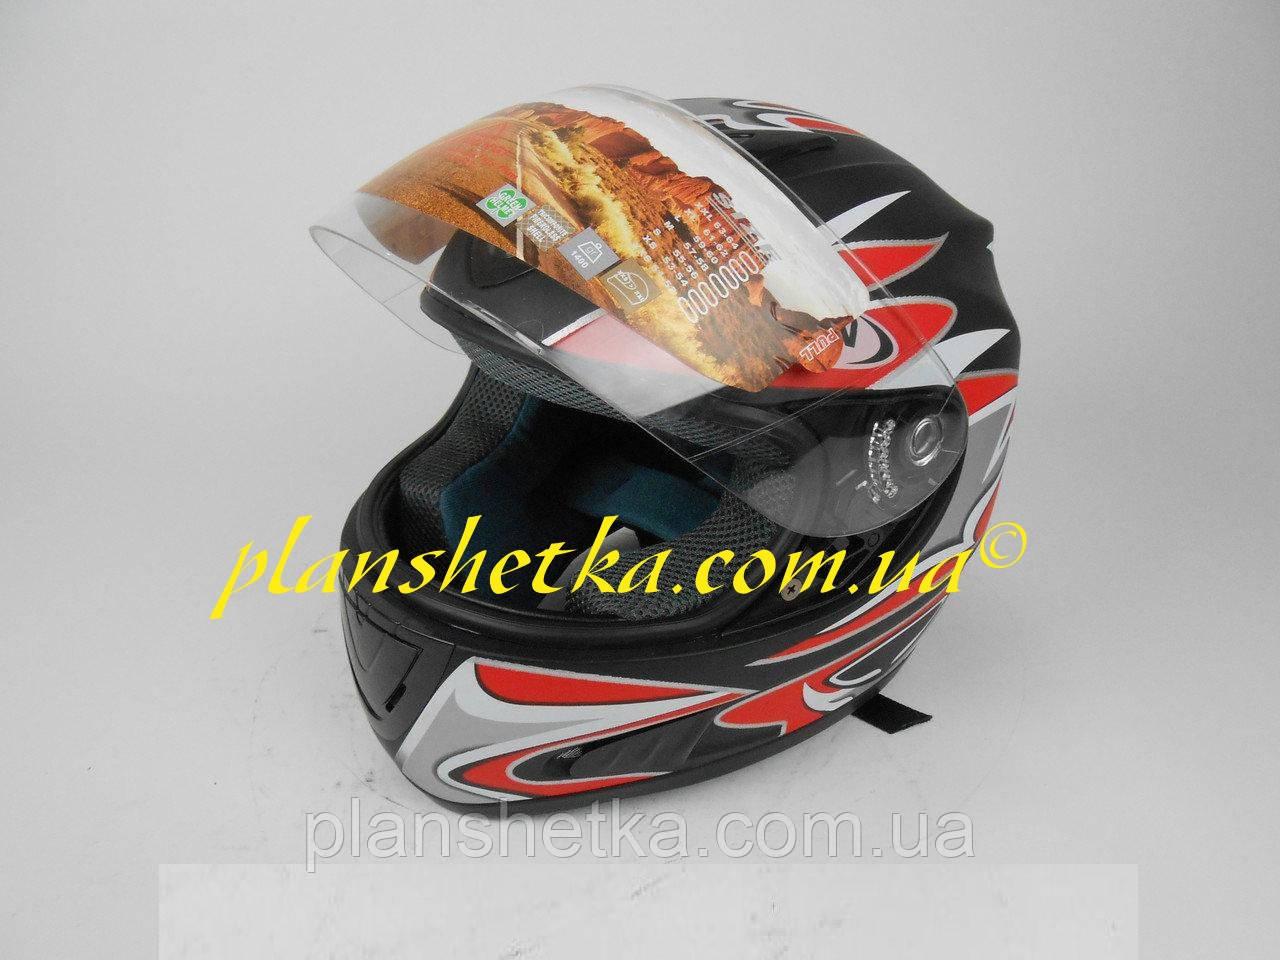 Шлем для мотоцикла Hel-Met 160 черный мат с красным